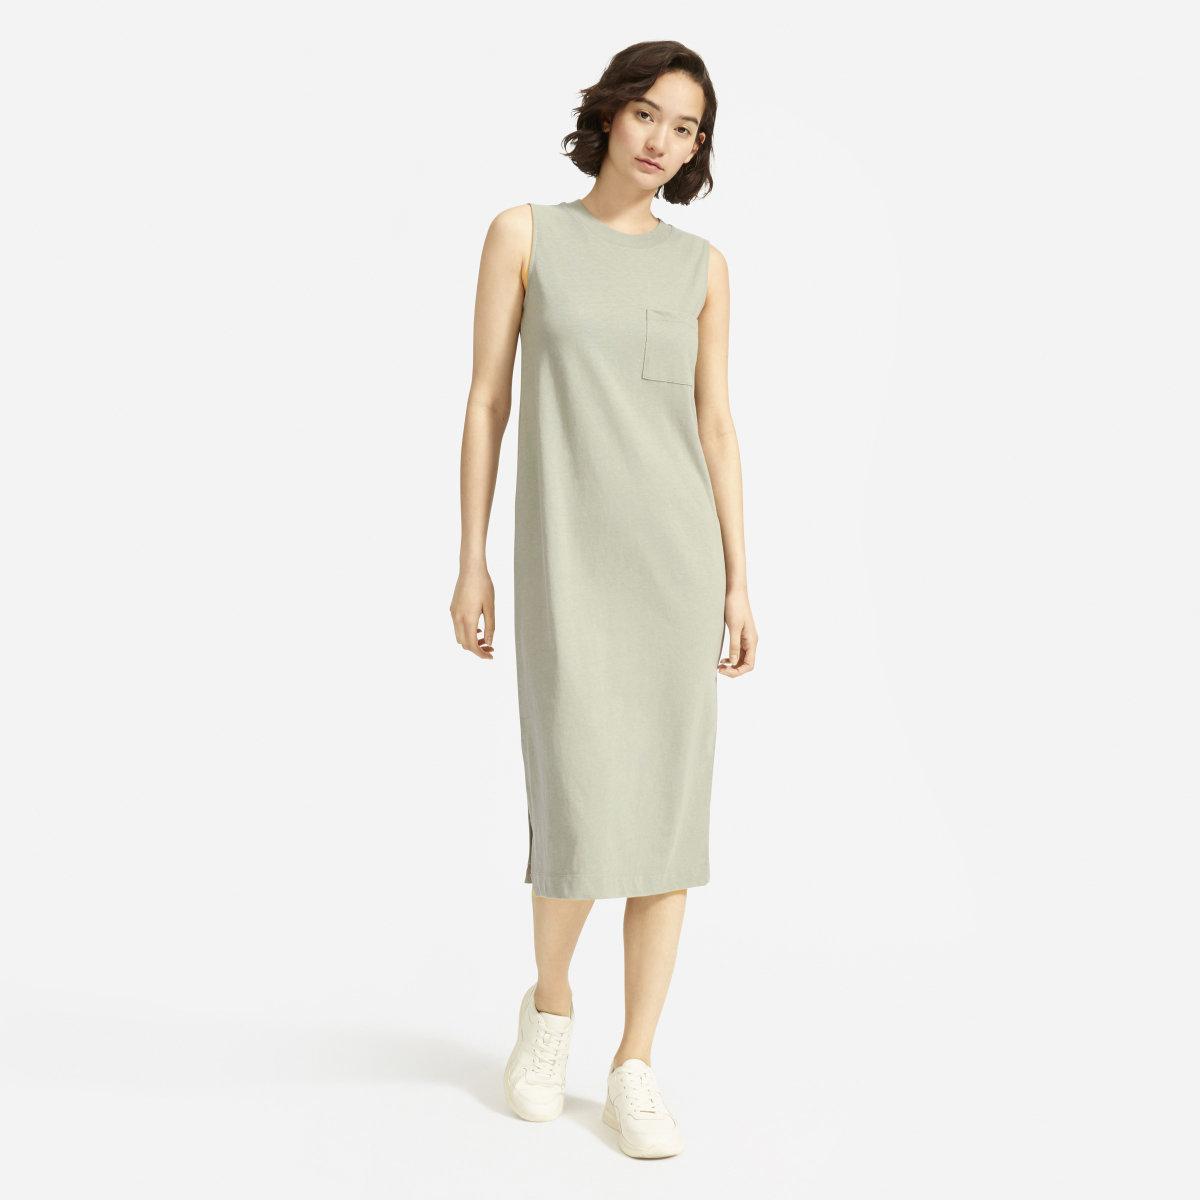 9f42b7ce0d383 The Long Weekend Tee Dress